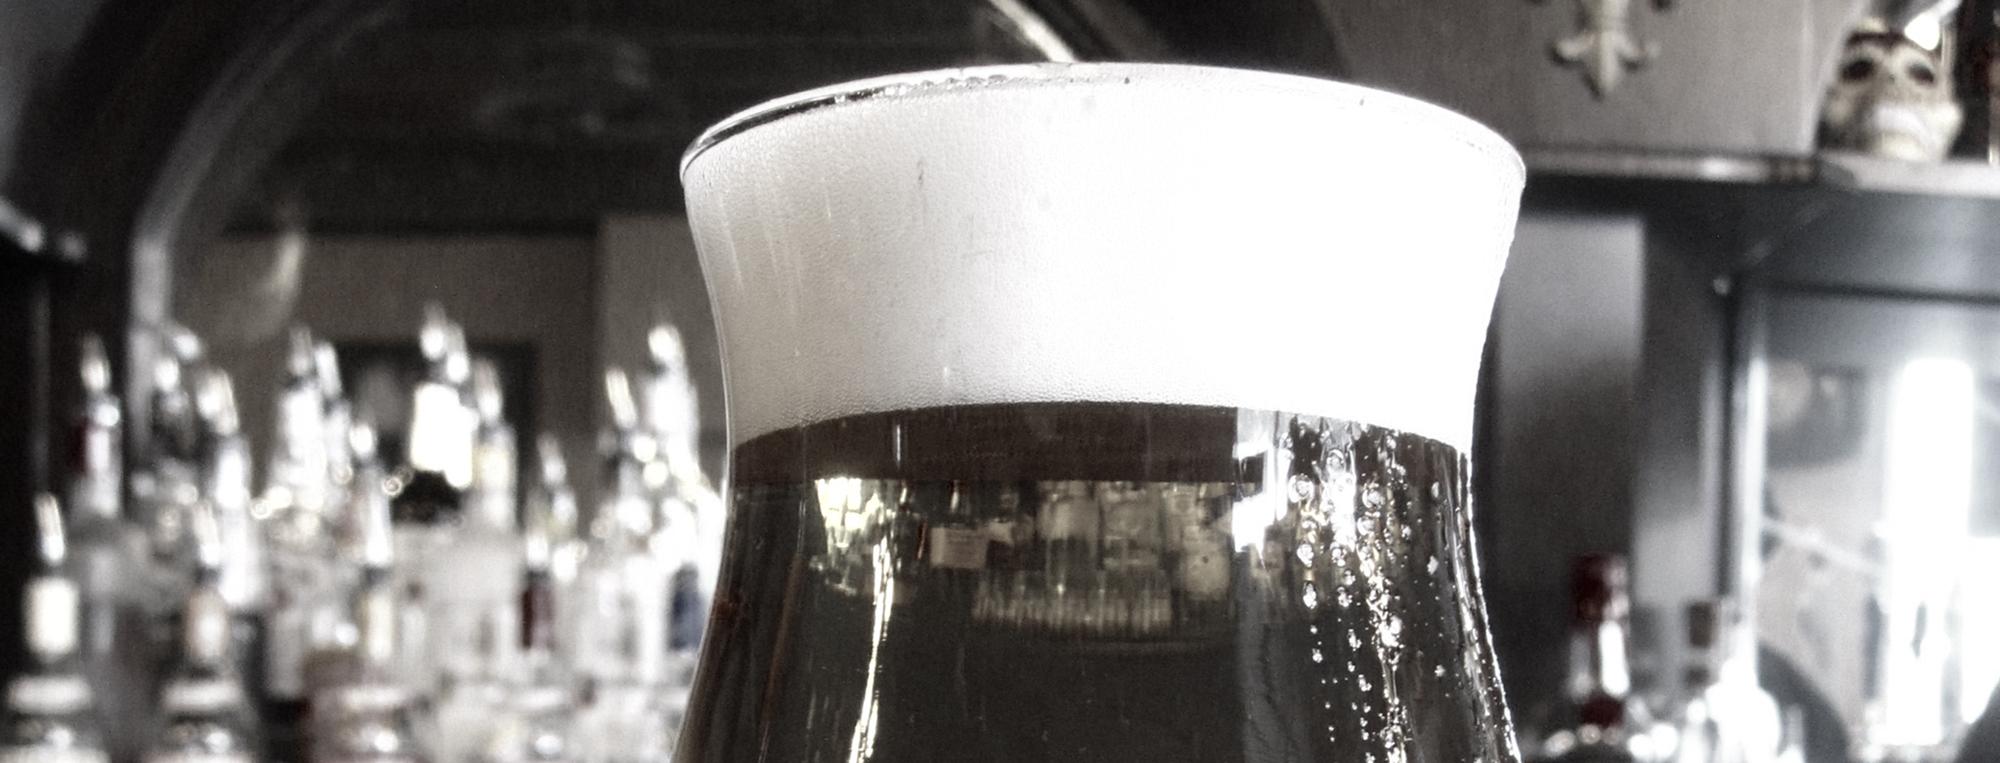 banner_beer